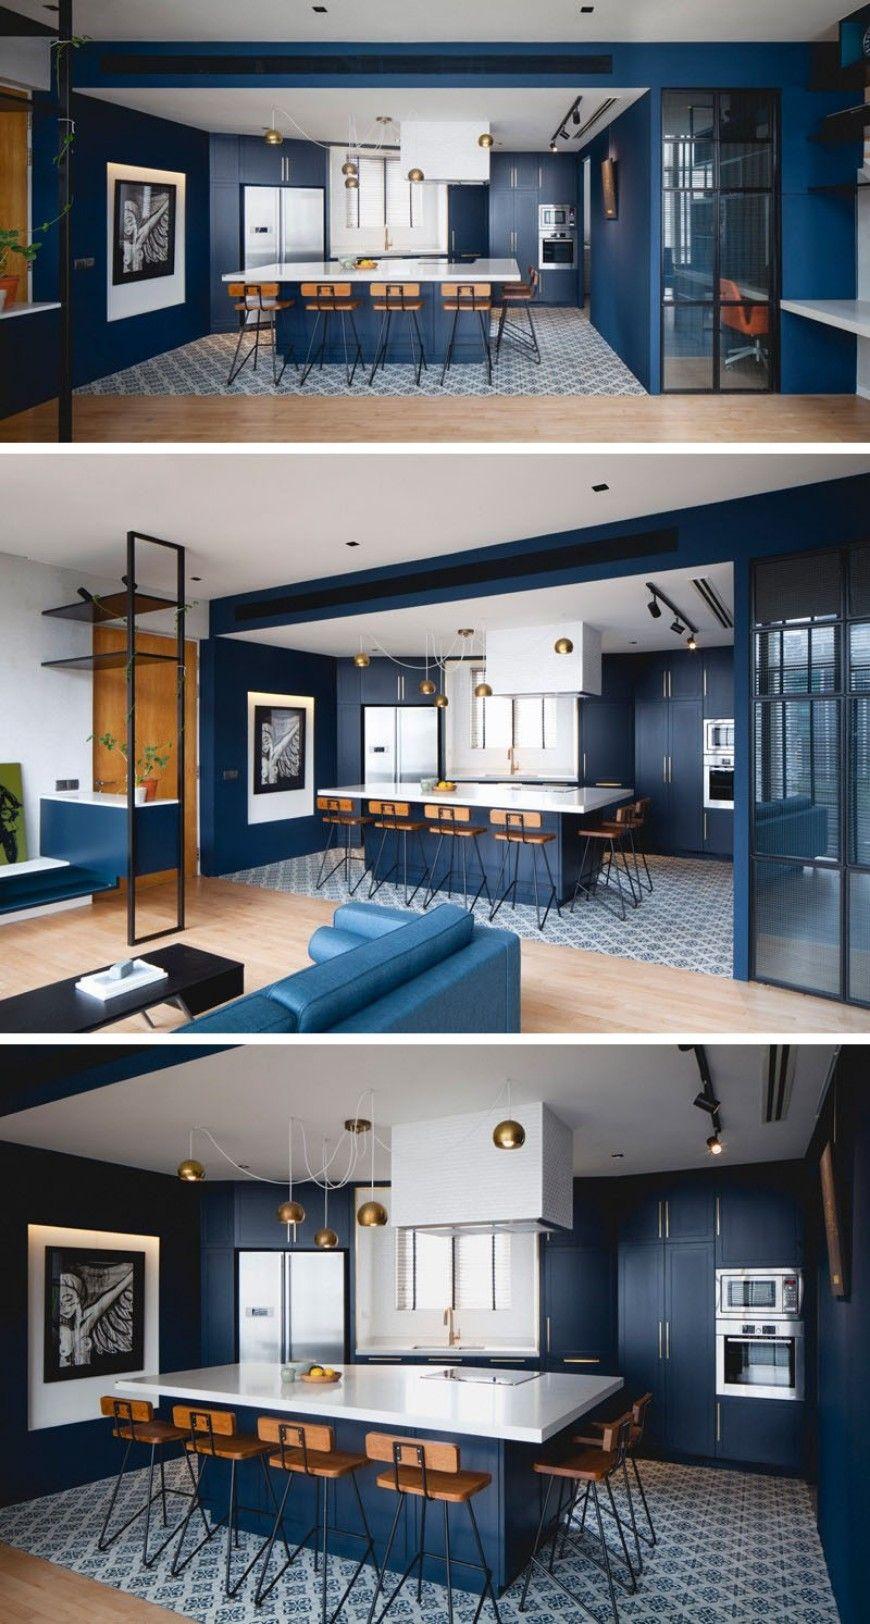 arbeitsplatte holz streichen holz streichen ohne schleifen typen holz richtig lasieren tipps. Black Bedroom Furniture Sets. Home Design Ideas